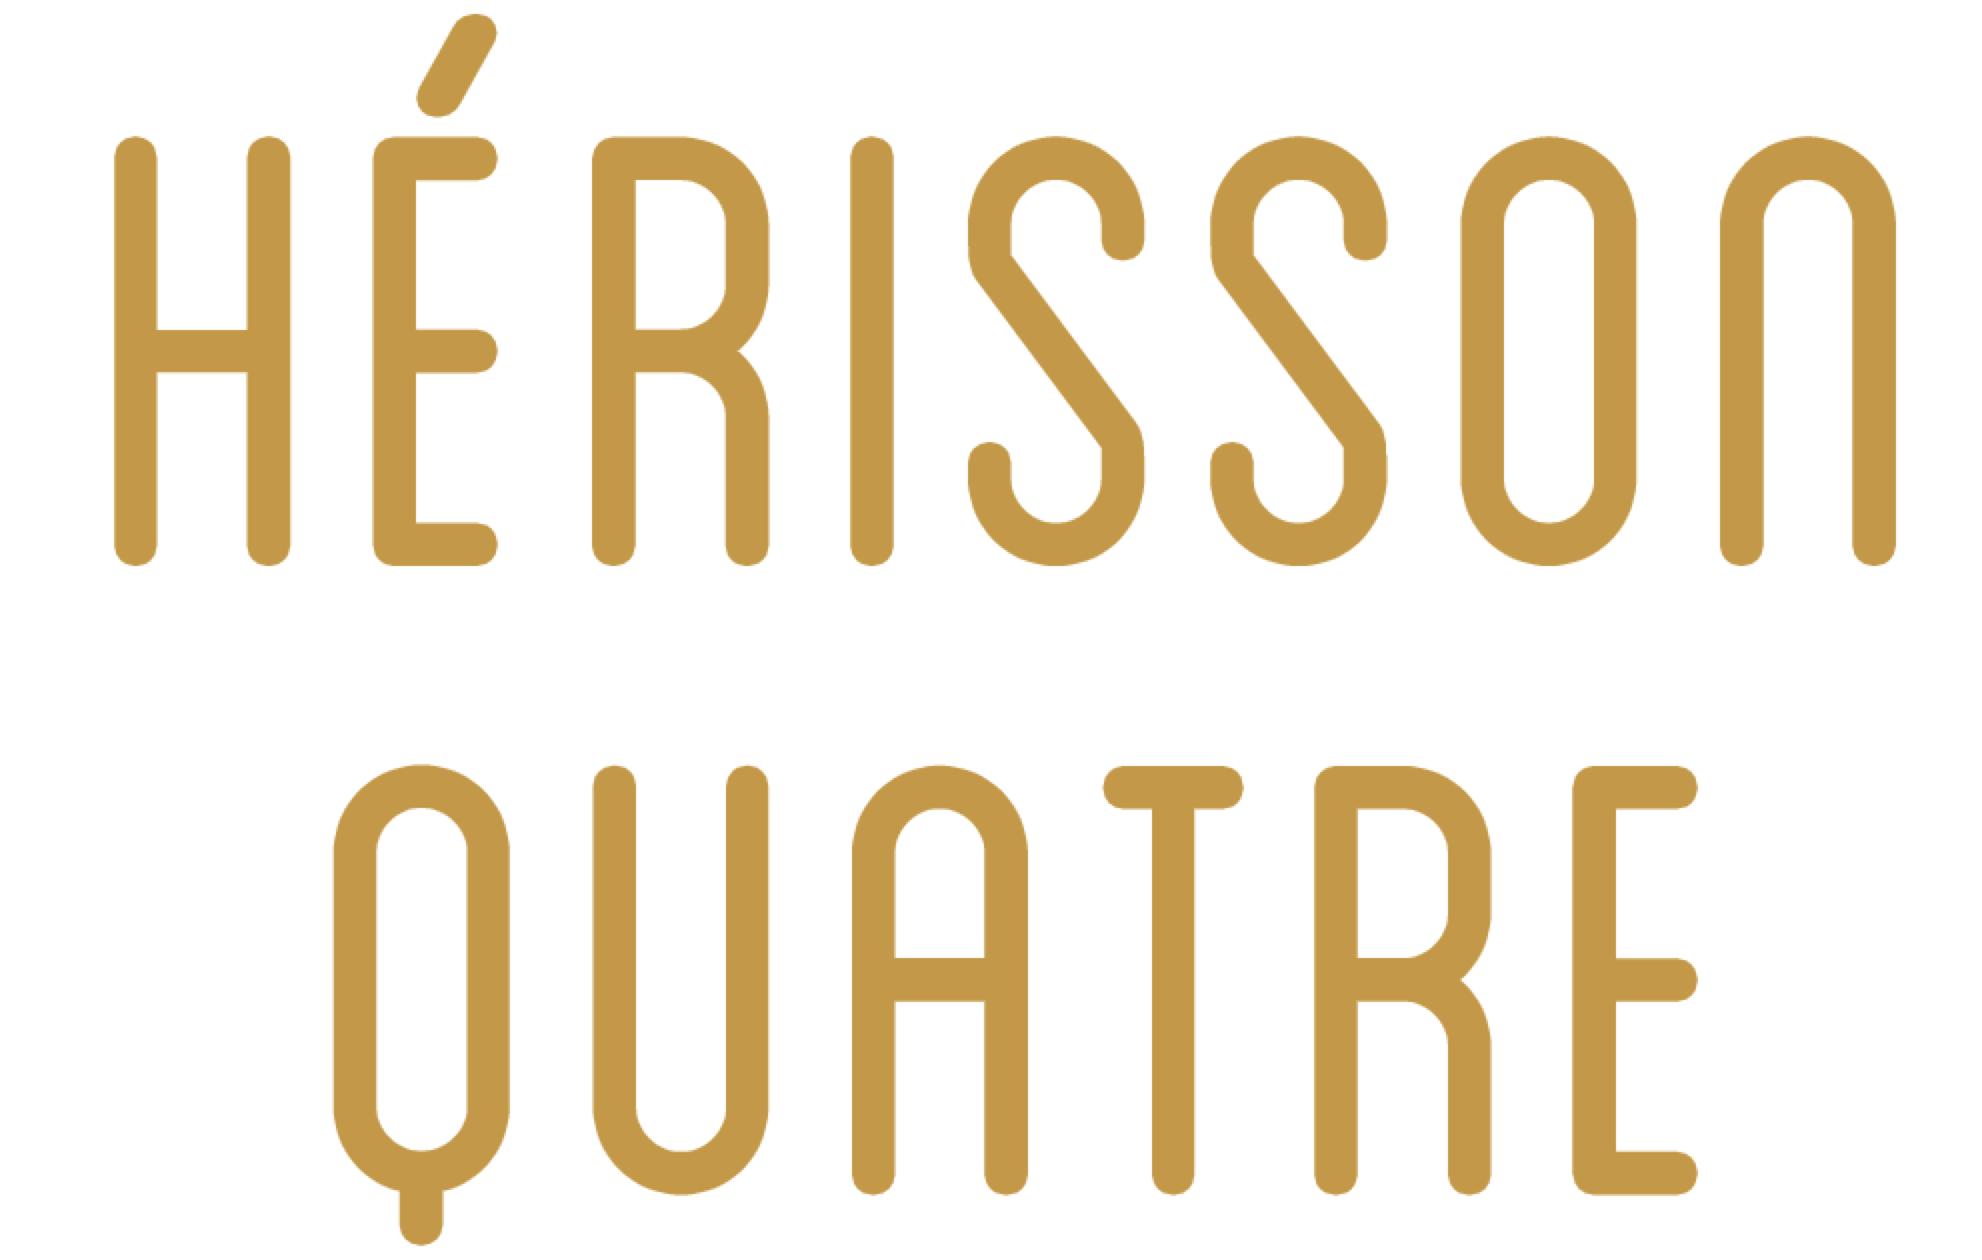 HERISSON QUATE LOGO